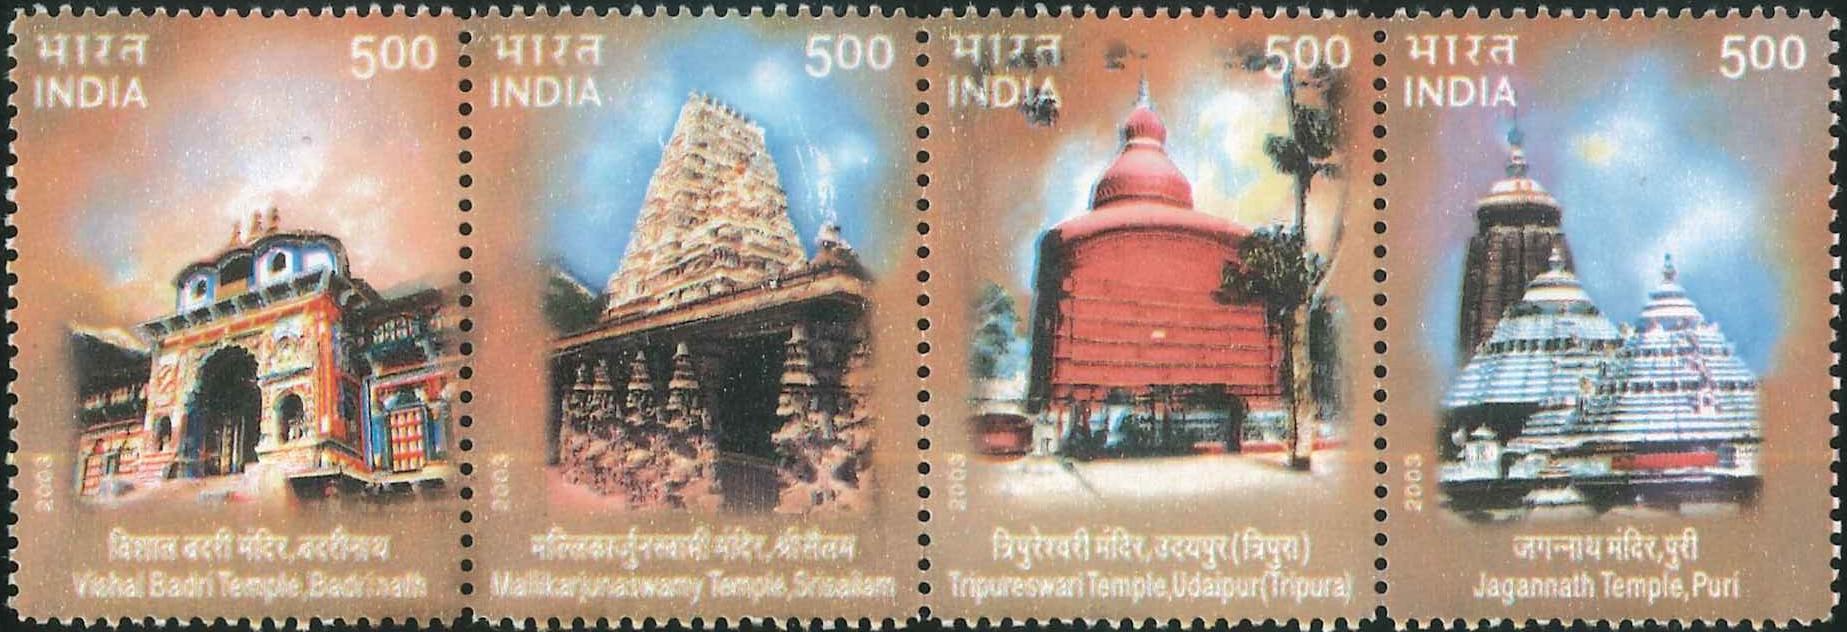 Badrinath, Sri Bhramaramba Mallikarjuna, Tripura Sundari & Jagannath Temple